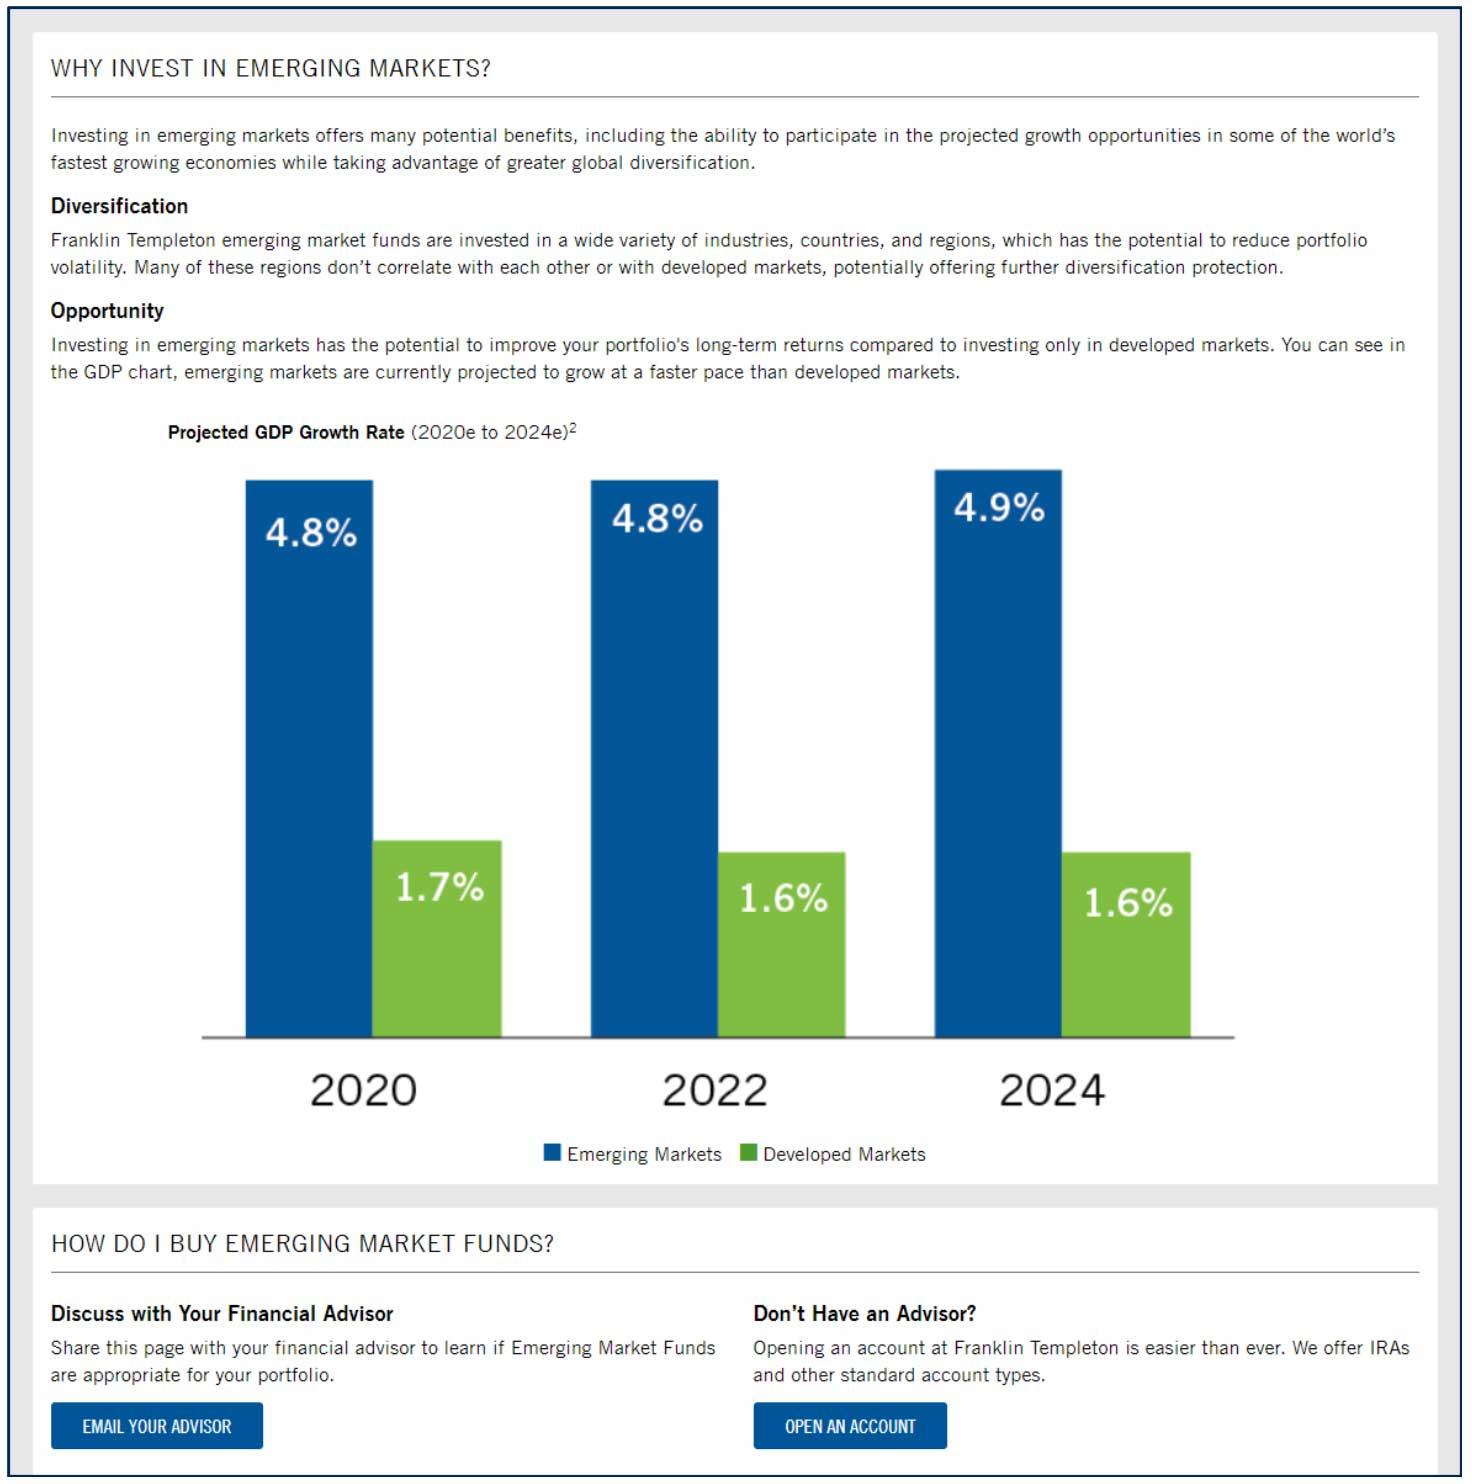 Franklin Templeton Emerging Market Funds Page informative online resources